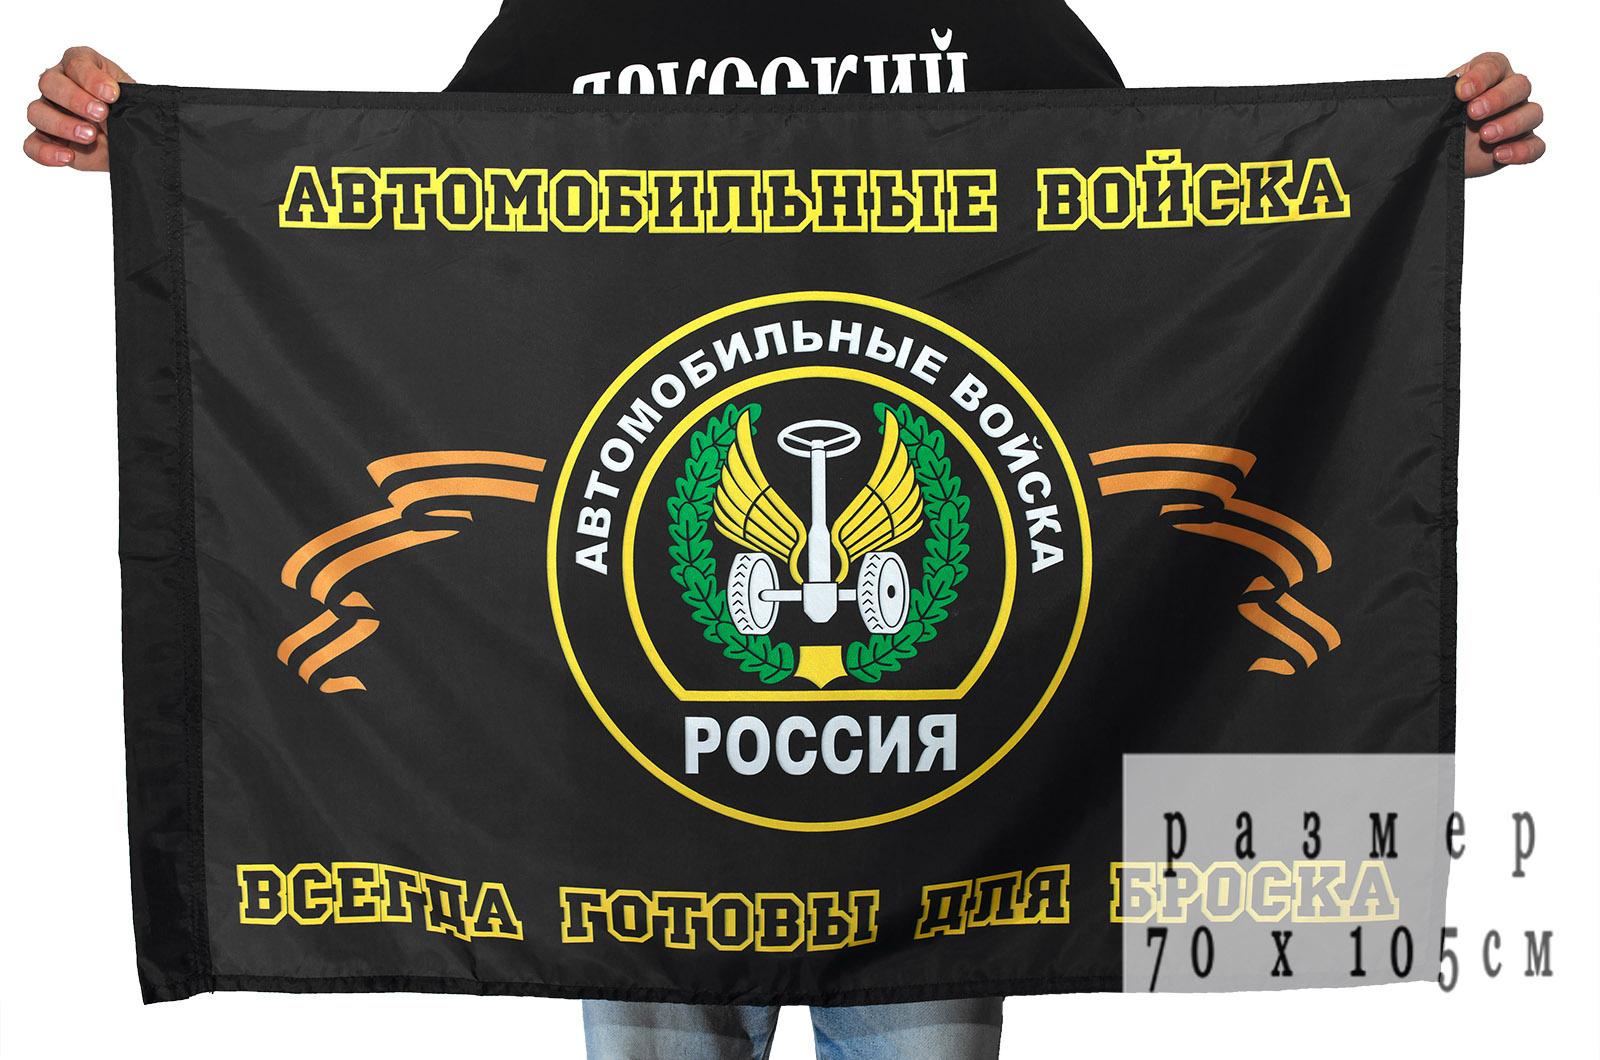 Купить флаг с девизом Автомобильных войск